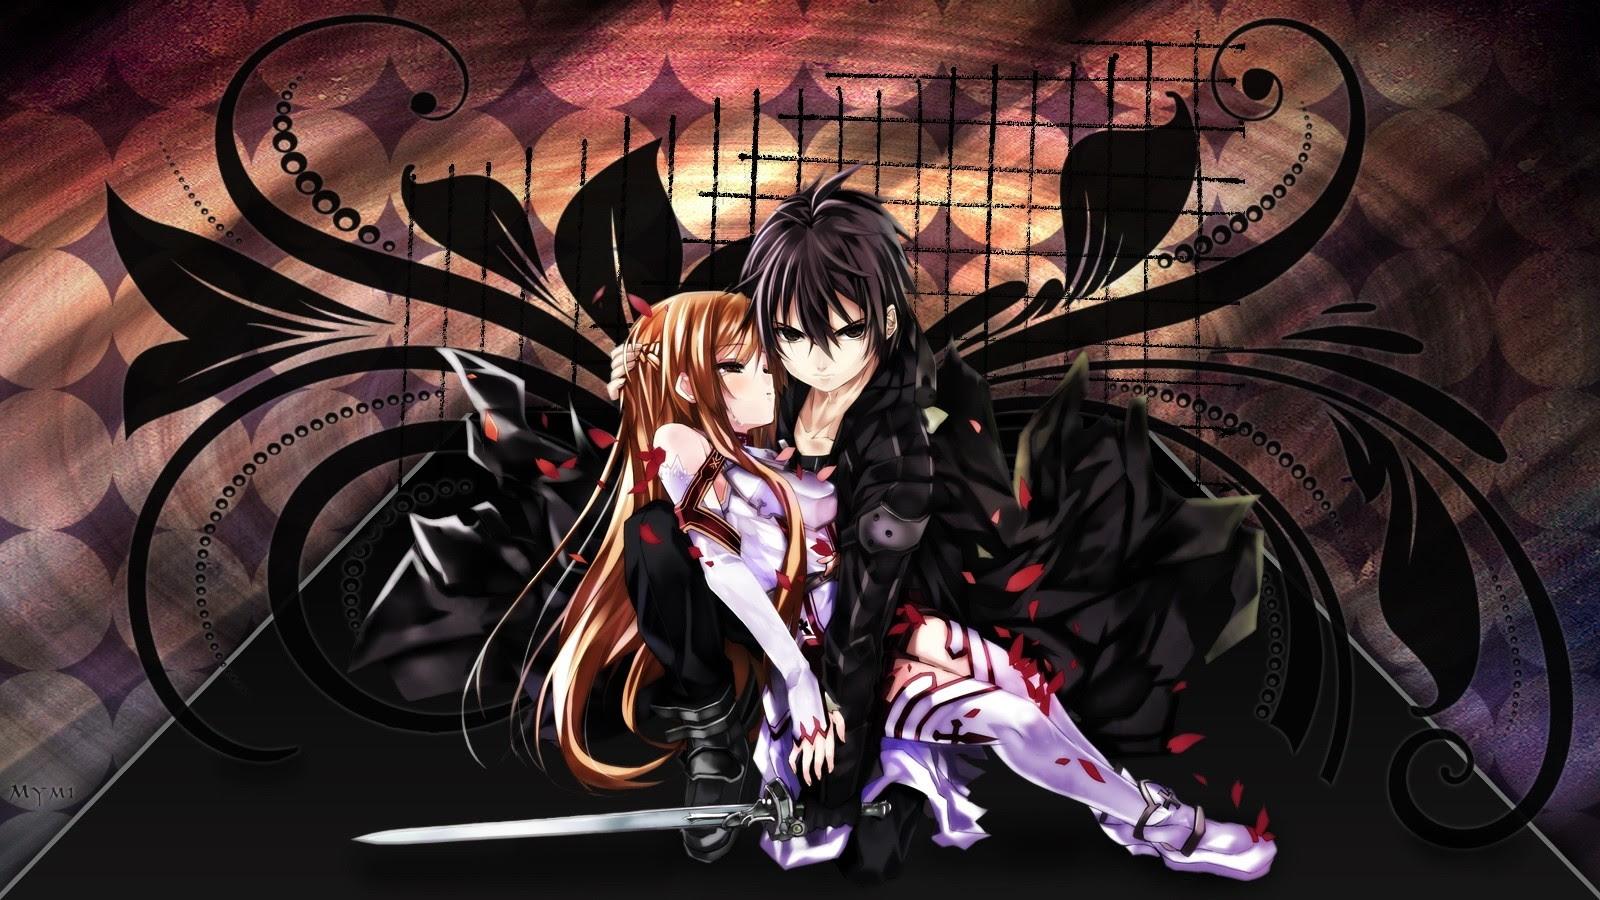 Sword Art Online Sword Art Online Wallpaper 37657164 Fanpop